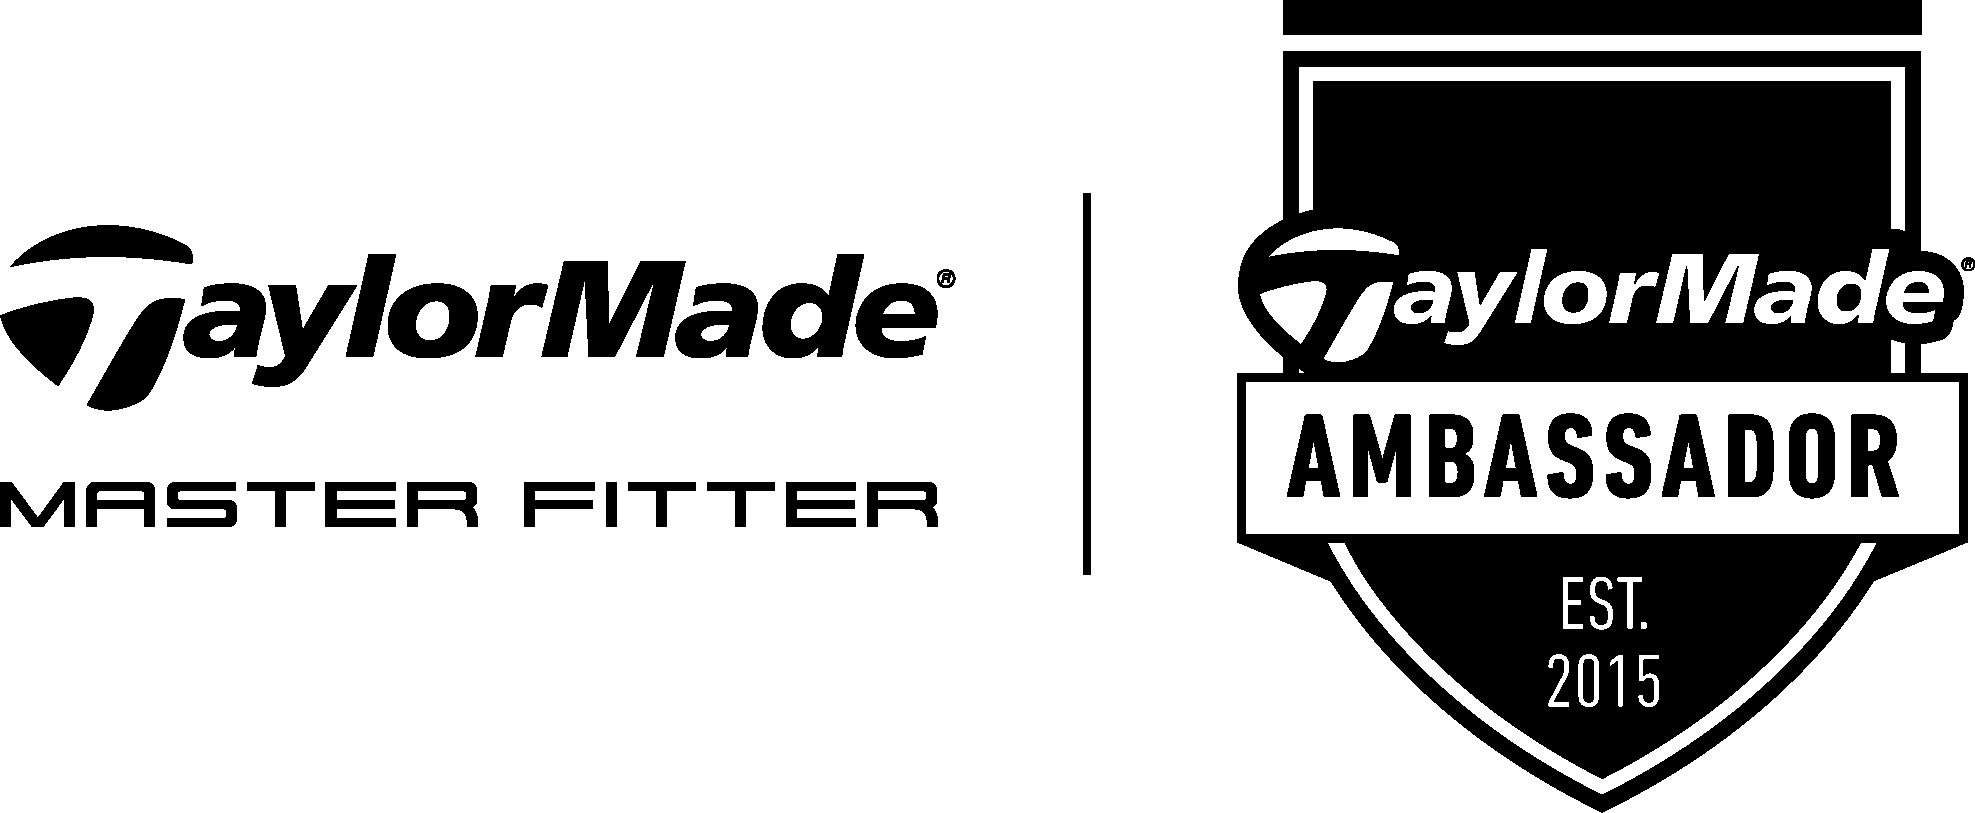 MasterFitter_Ambassador_Logo_Black